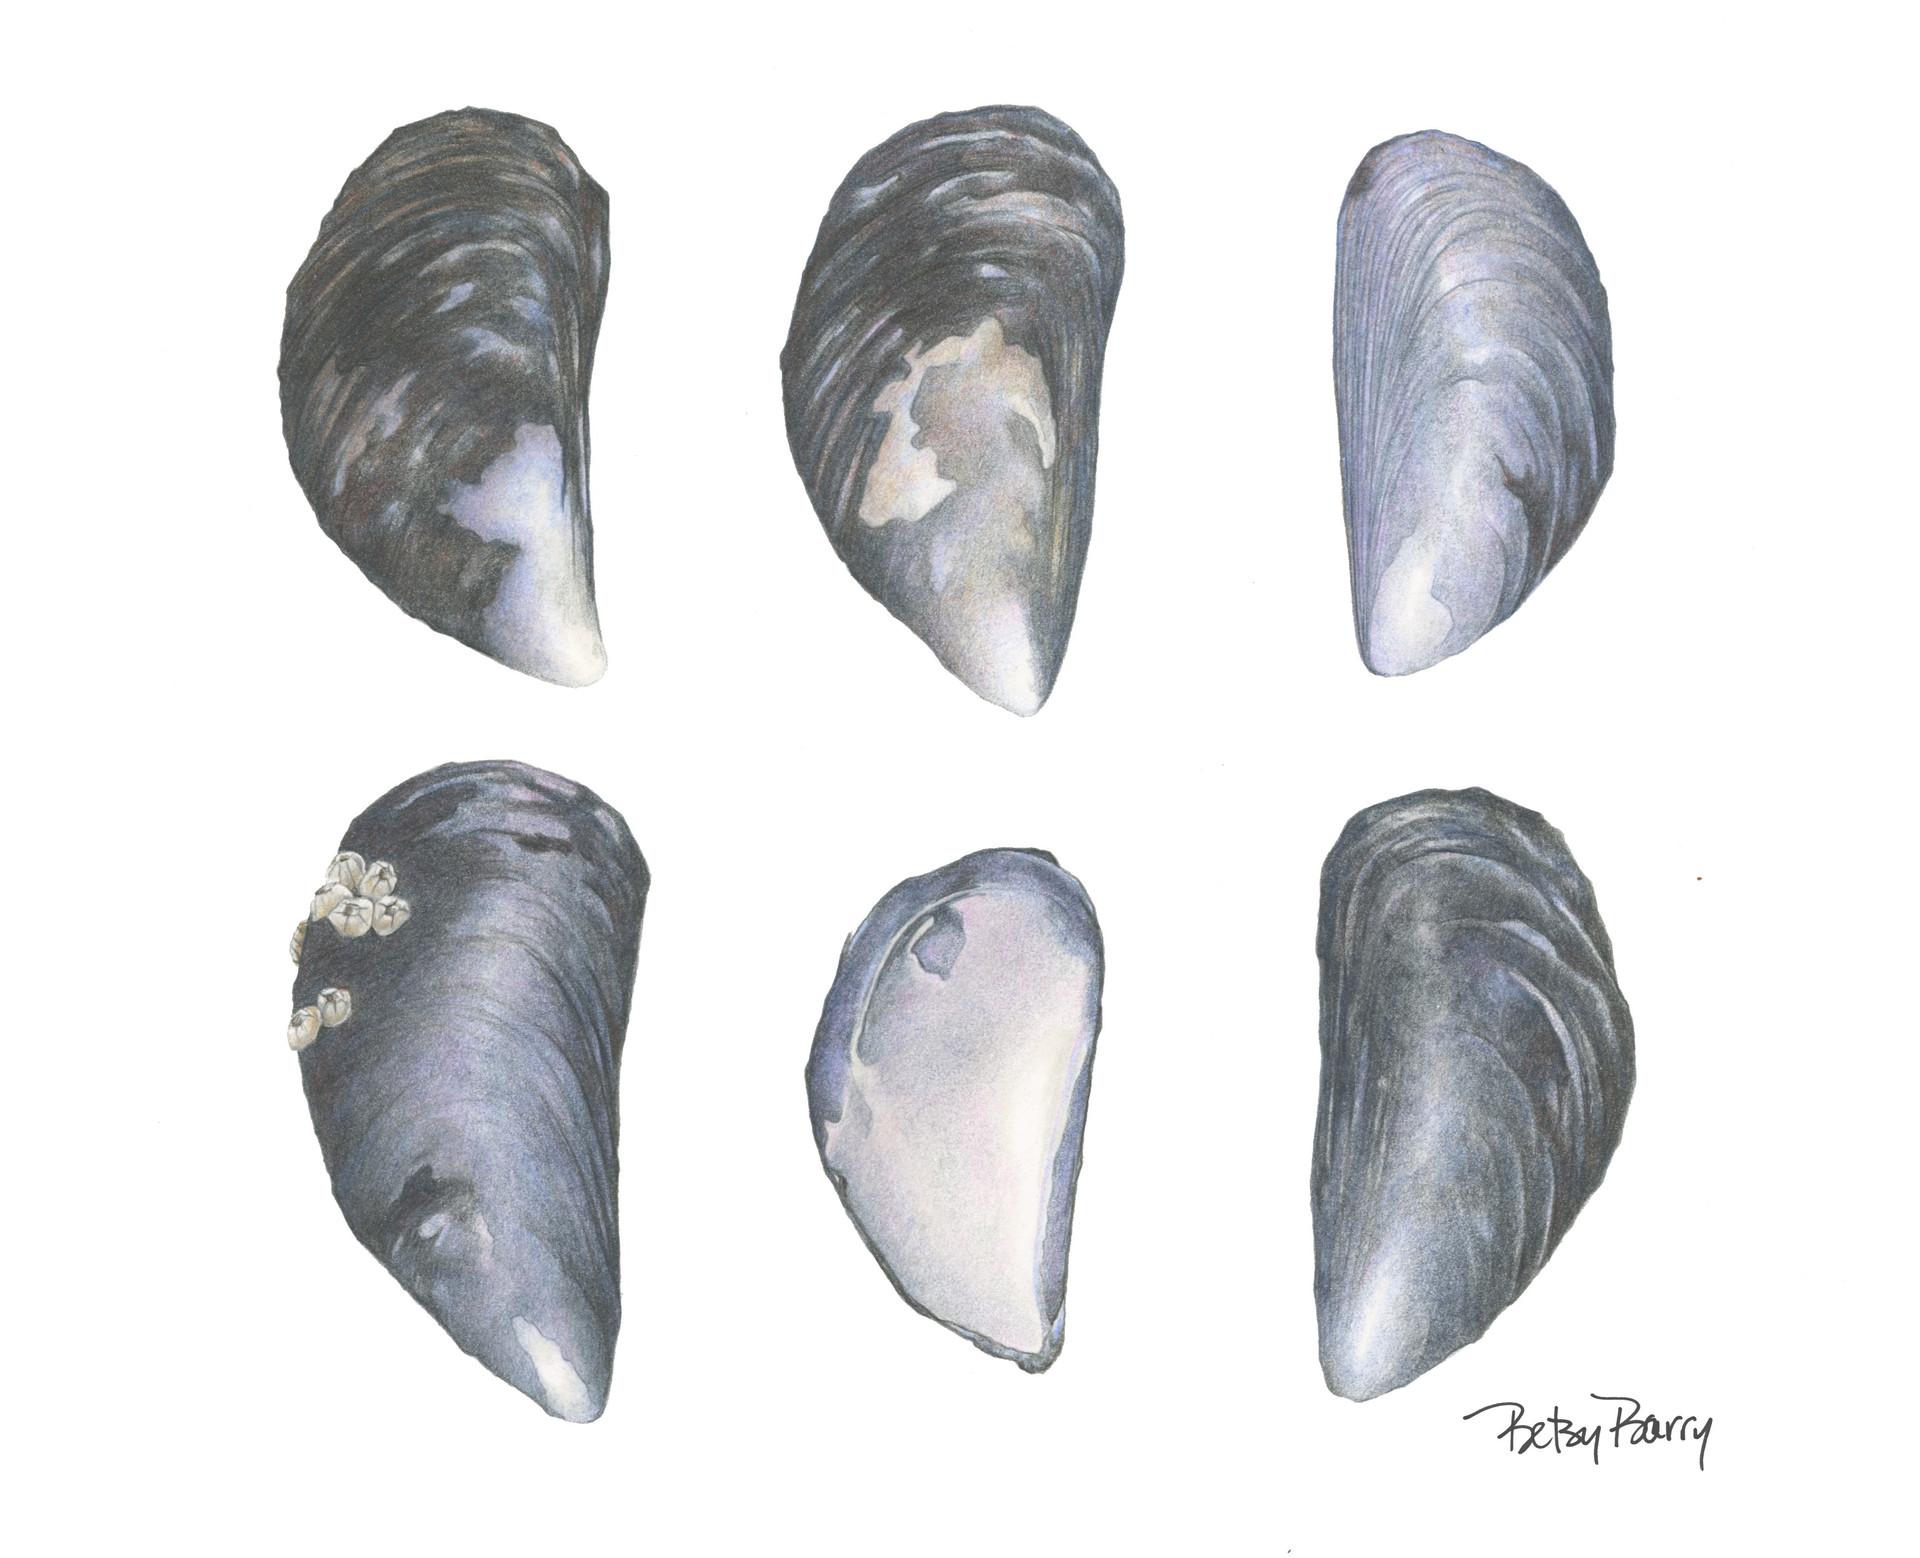 Six Mussels